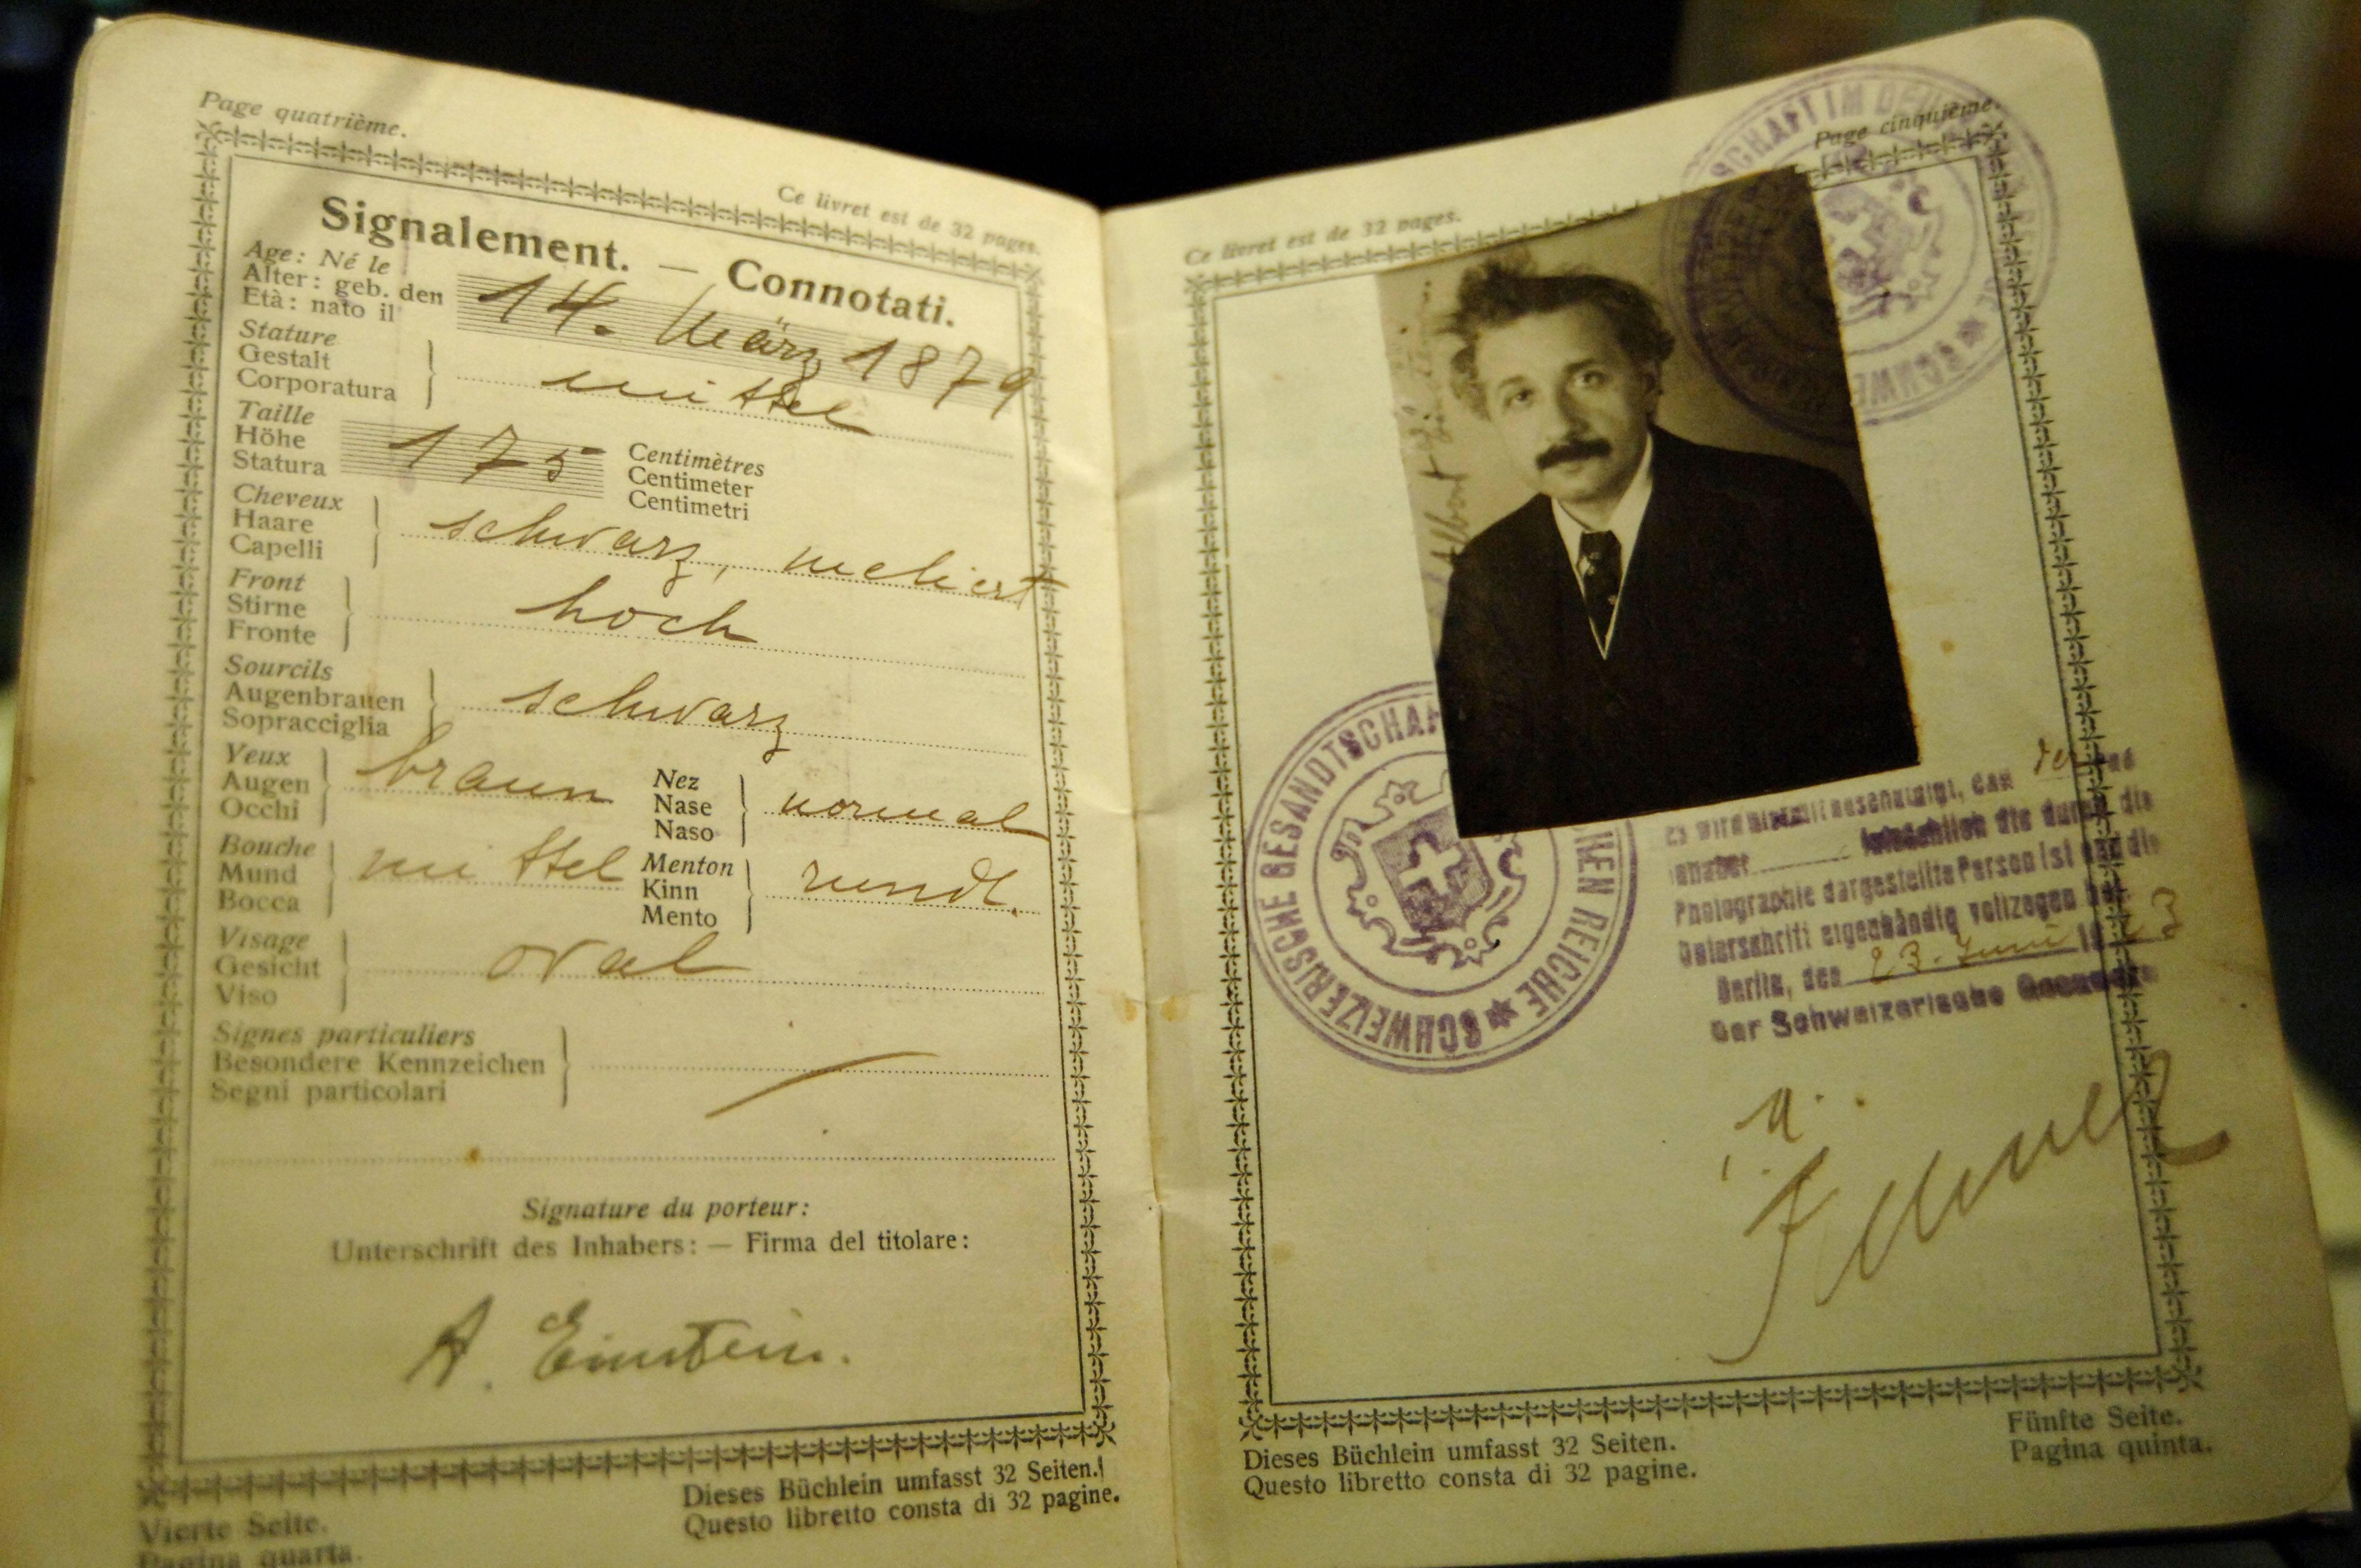 Photo of Albert Einstein's original passport